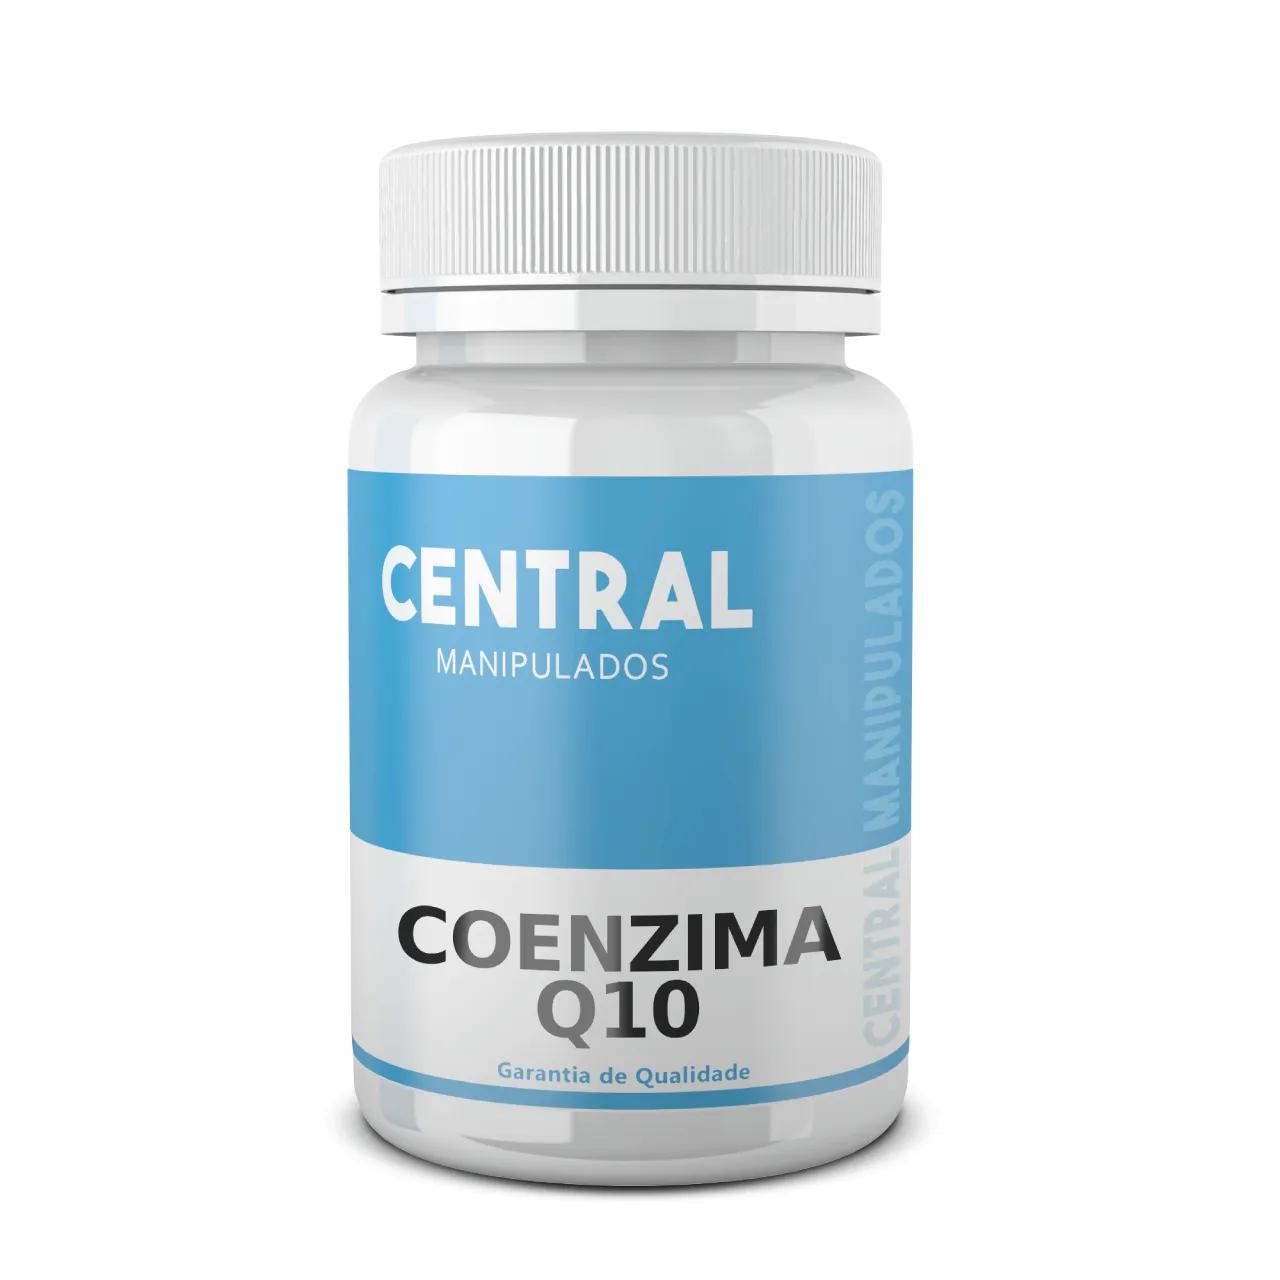 Coenzima Q10 - Ubiquinona - 50mg - 60 cápsulas - Antioxidante